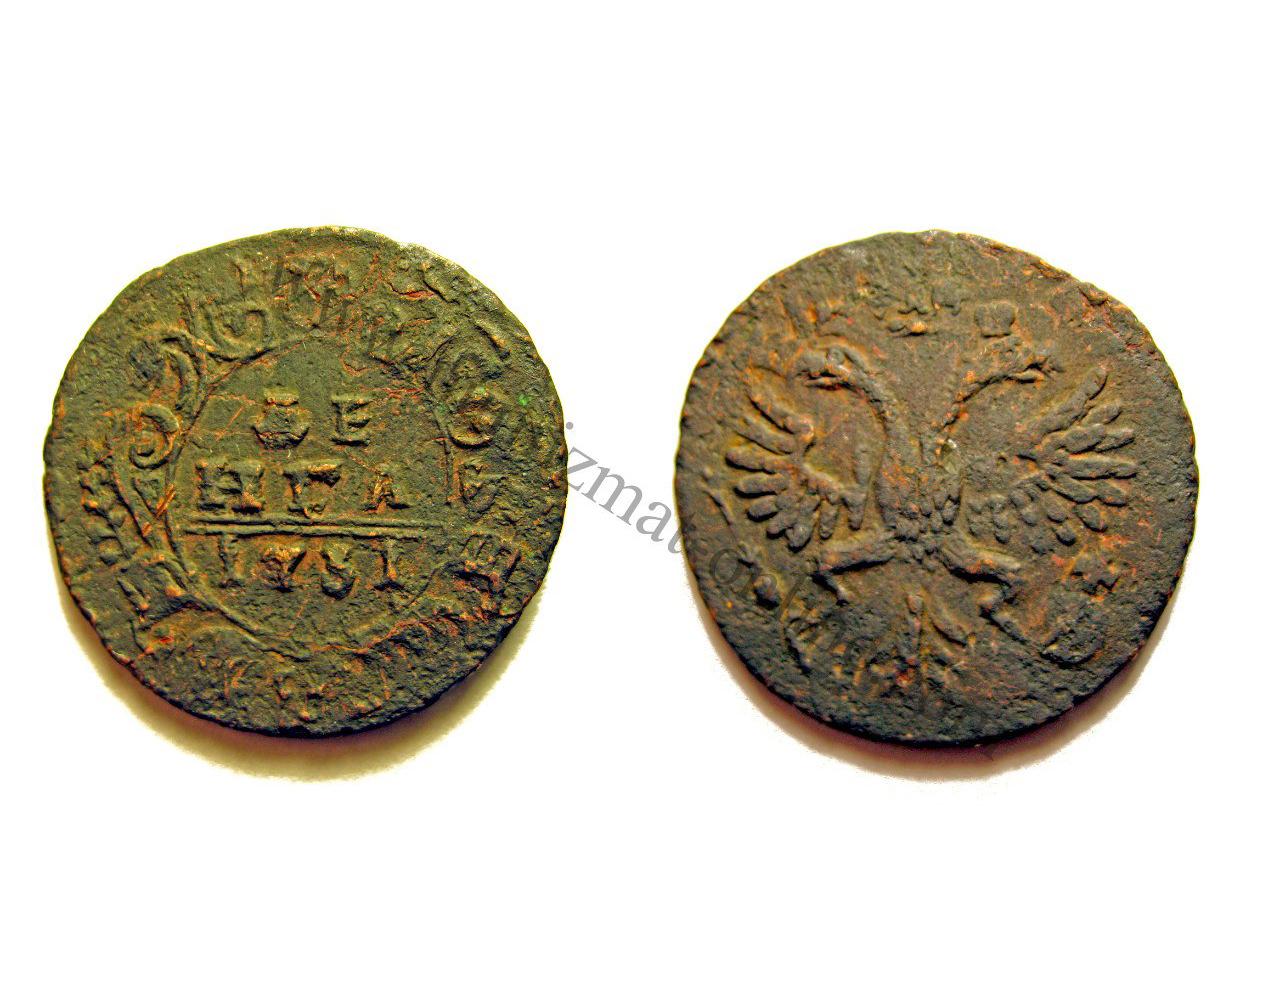 Денга 1731 года. Изображение аверса и реверса монеты